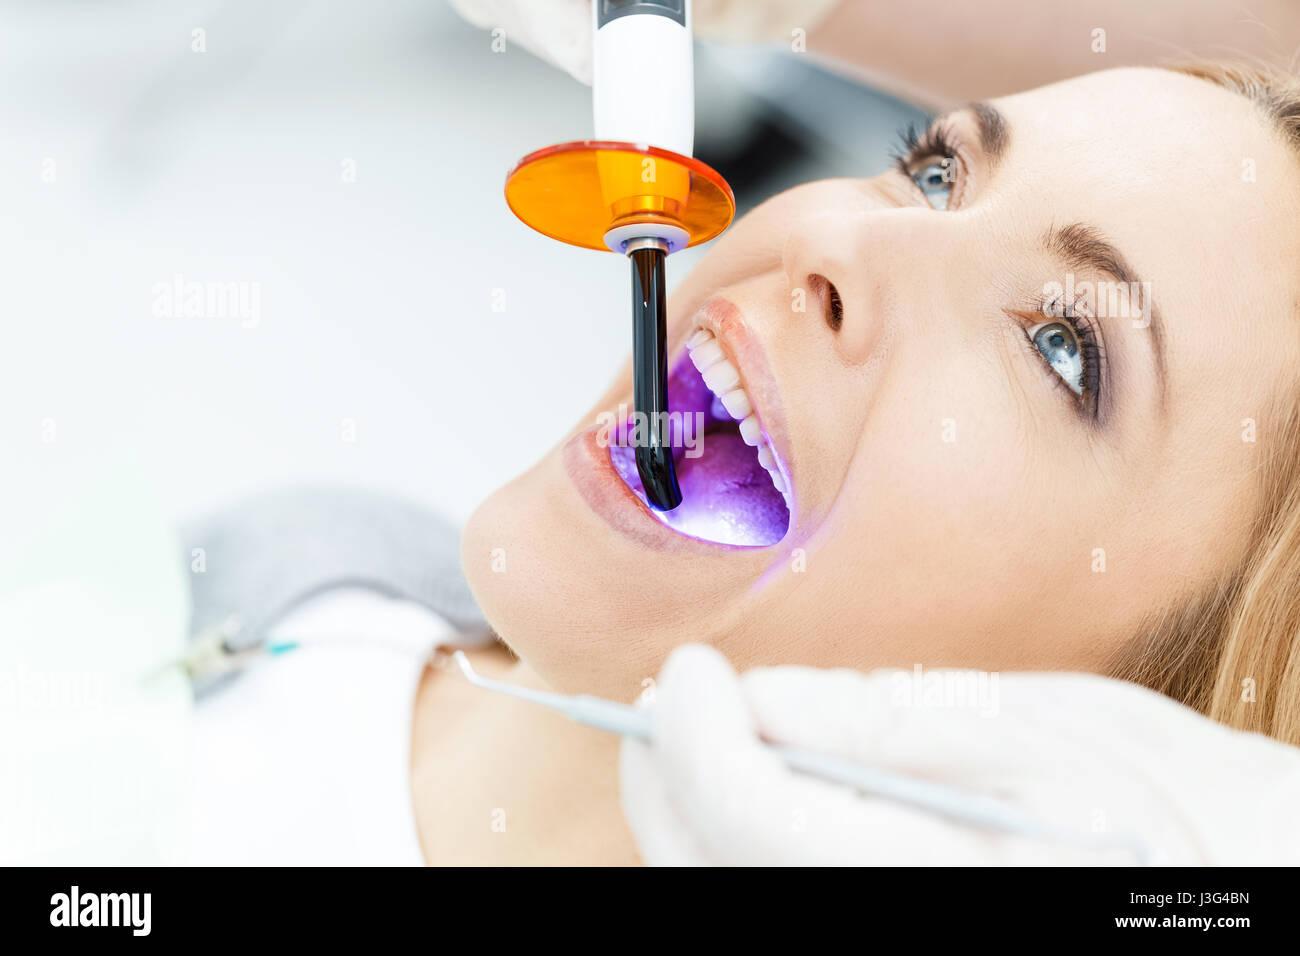 Des Uv Auf Up Dental Härtung Teilansicht Zahnarzt Lampe Close Die 5c4LR3jqAS